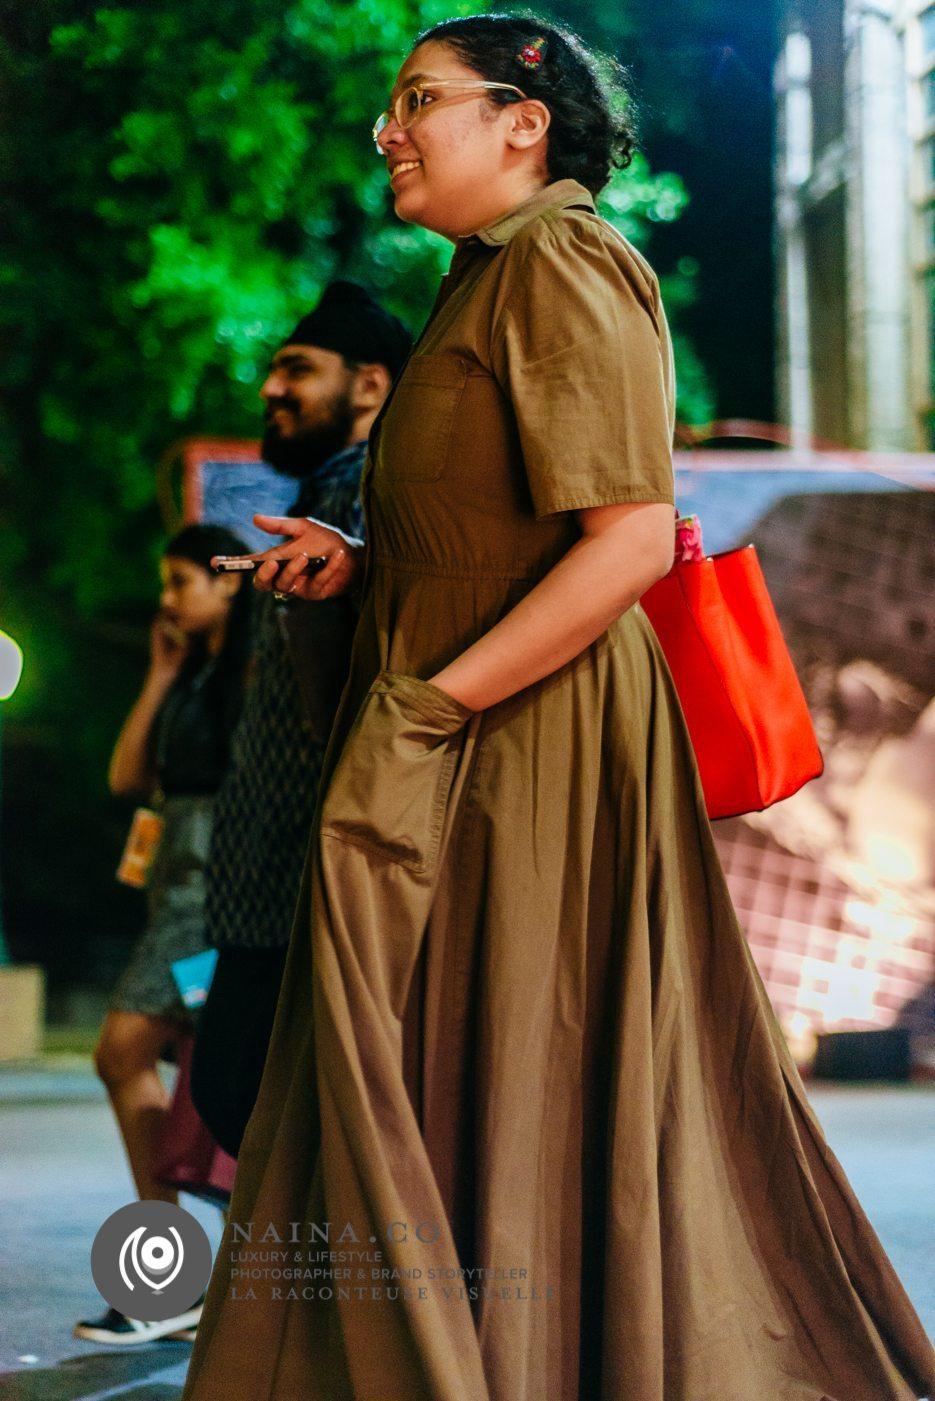 Naina.co-Photographer-Raconteuse-Storyteller-Luxury-Lifestyle-October-2014-Street-Style-WIFWSS15-FDCI-Day01-EyesForFashion-37